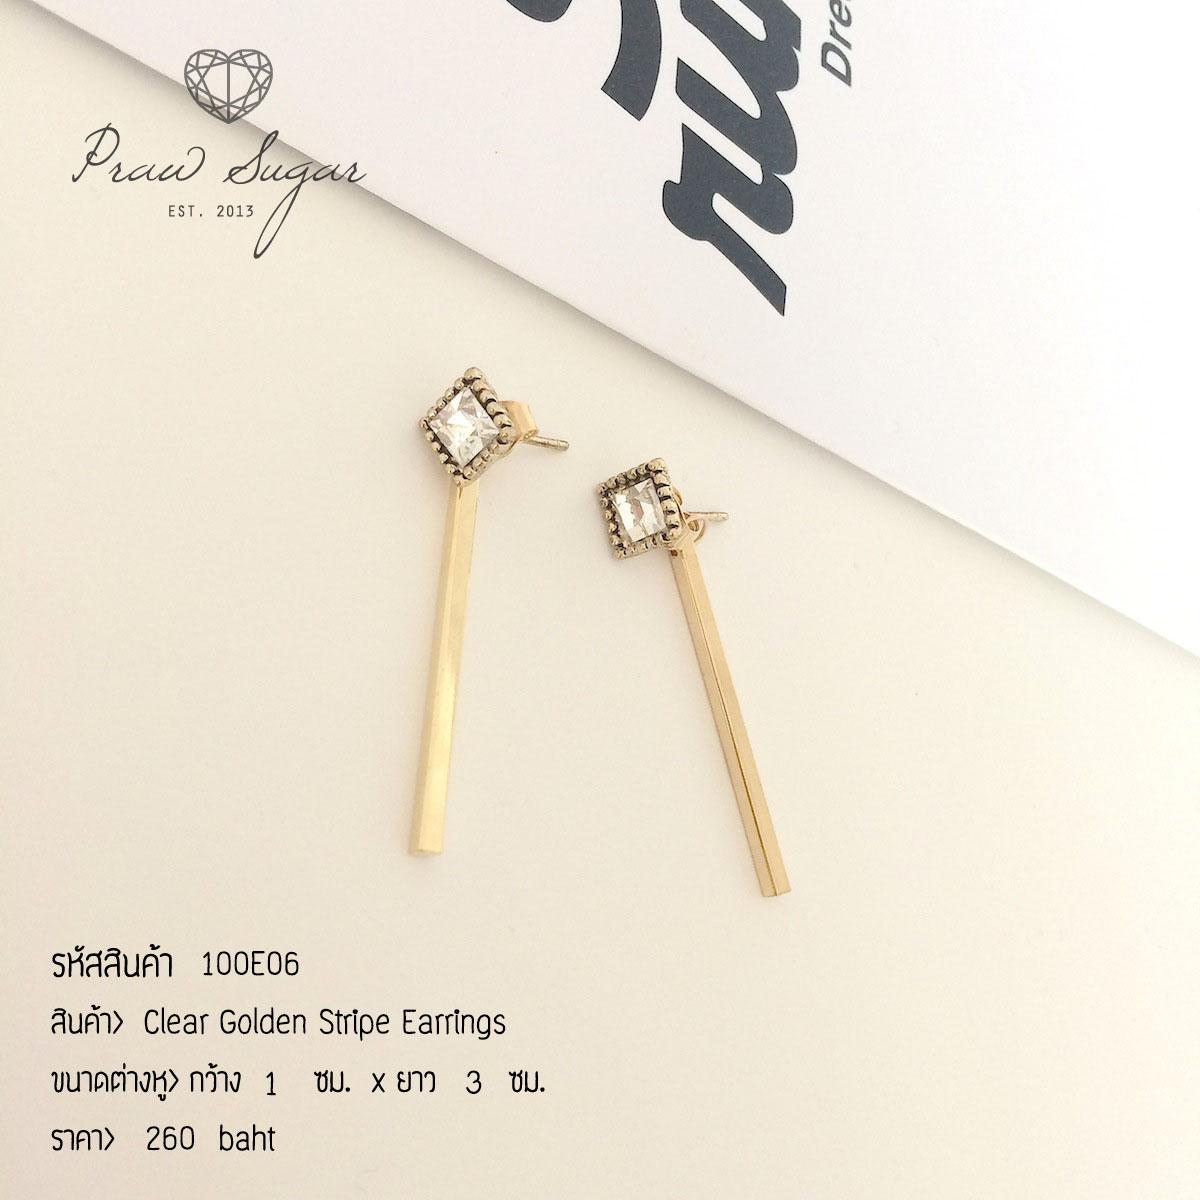 Clear Golden Stripe Earrings